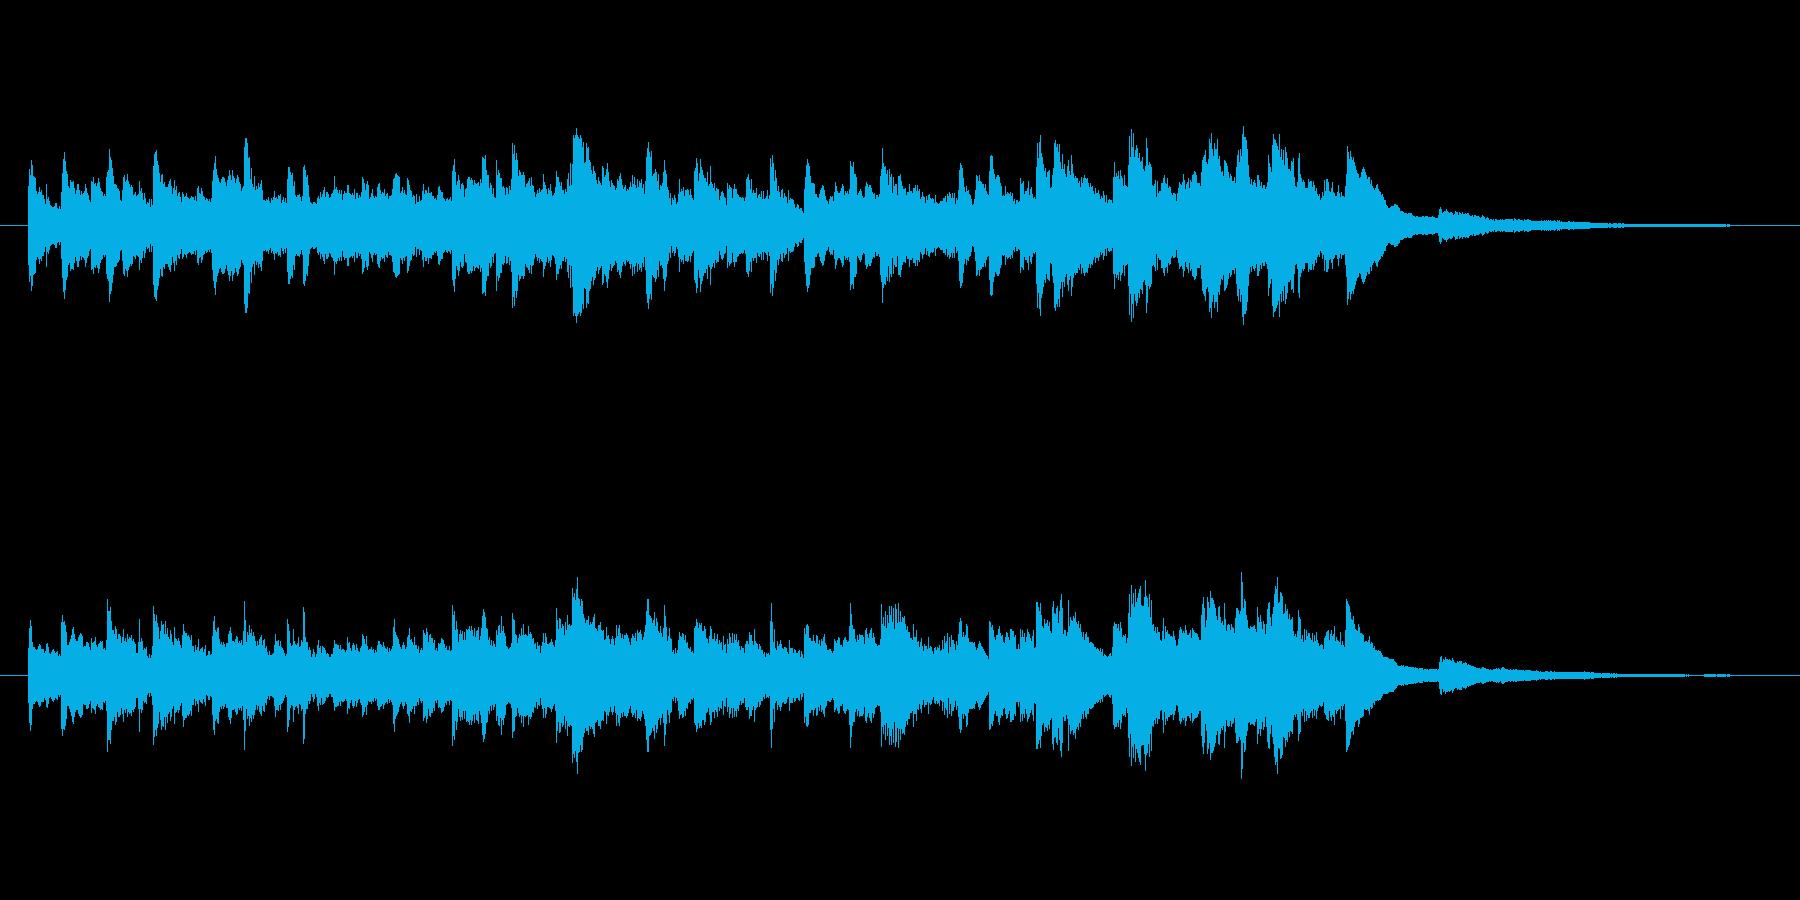 シンプル且つ心洗われるようなピアノソロの再生済みの波形